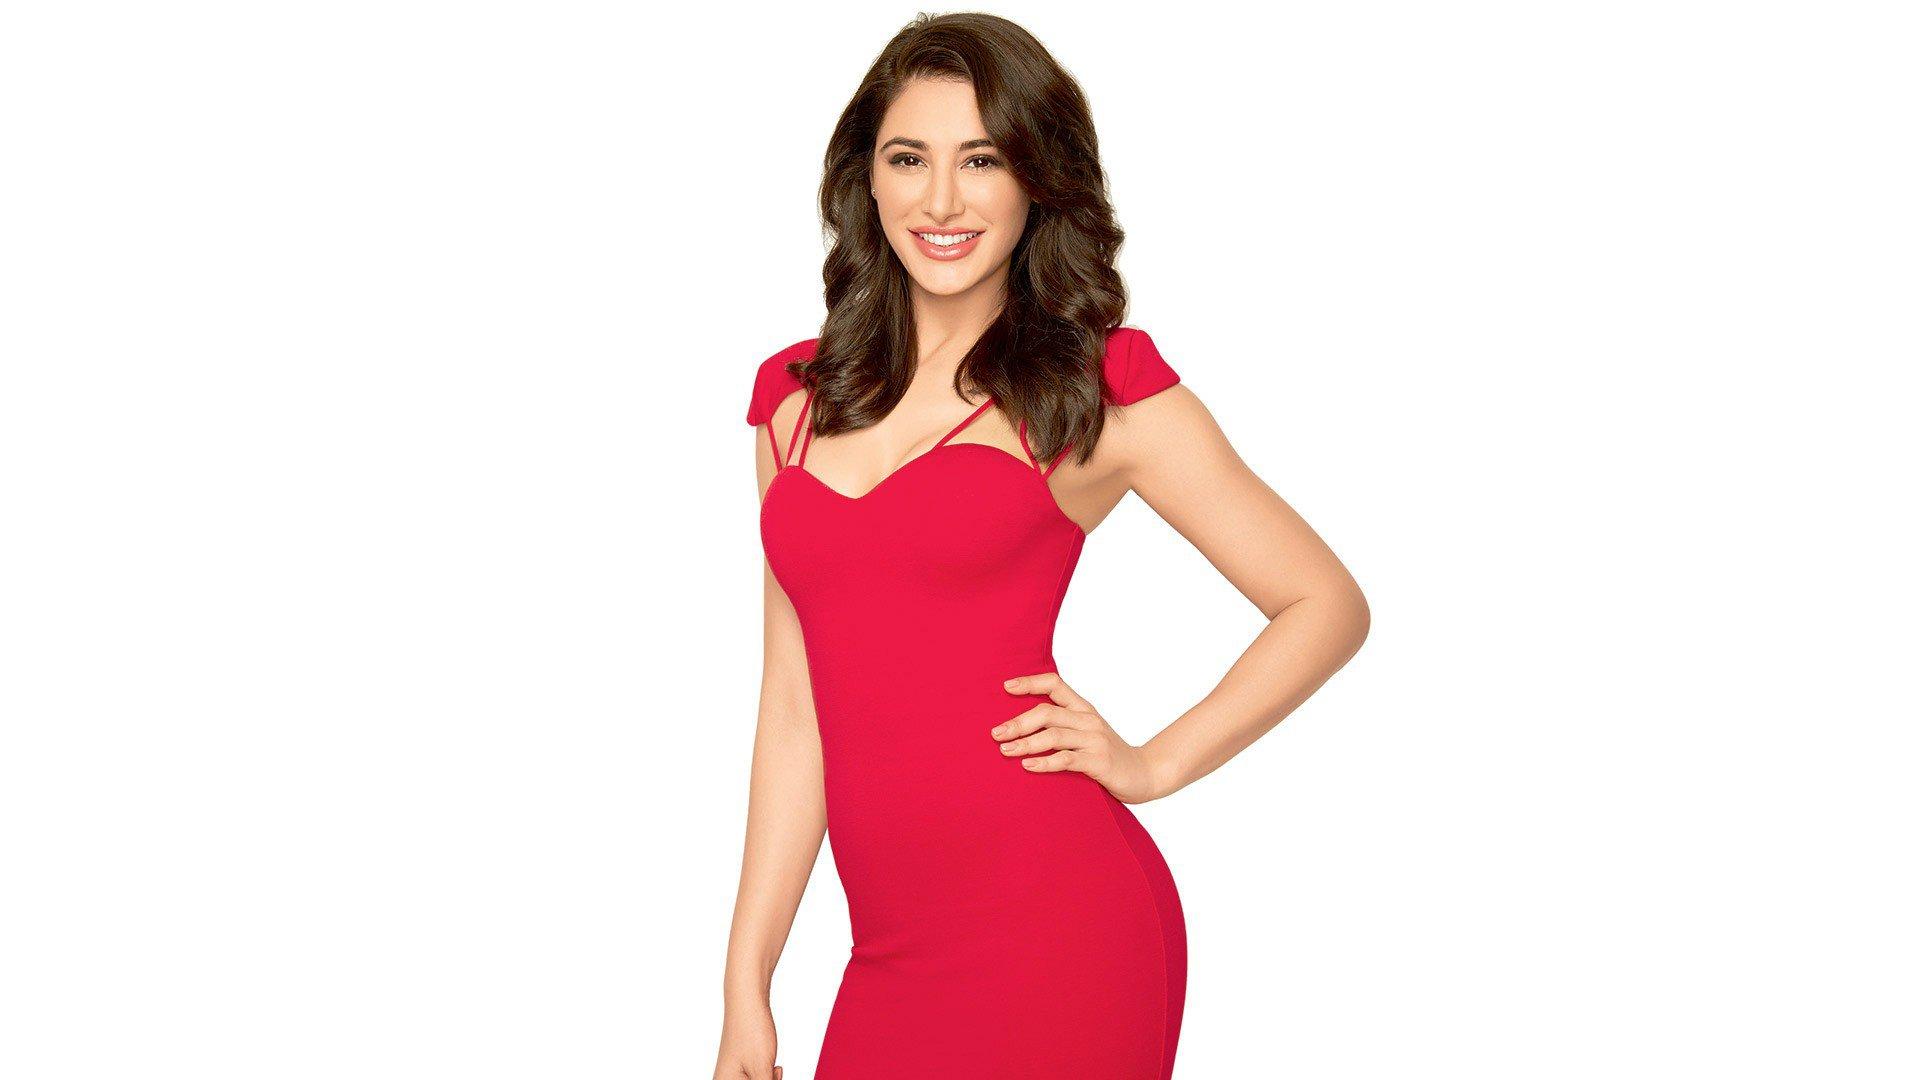 Celebrities Hd Wallpaper Download Nargis Fakhri Hd: Nargis Fakhri In Red Dress, HD Indian Celebrities, 4k